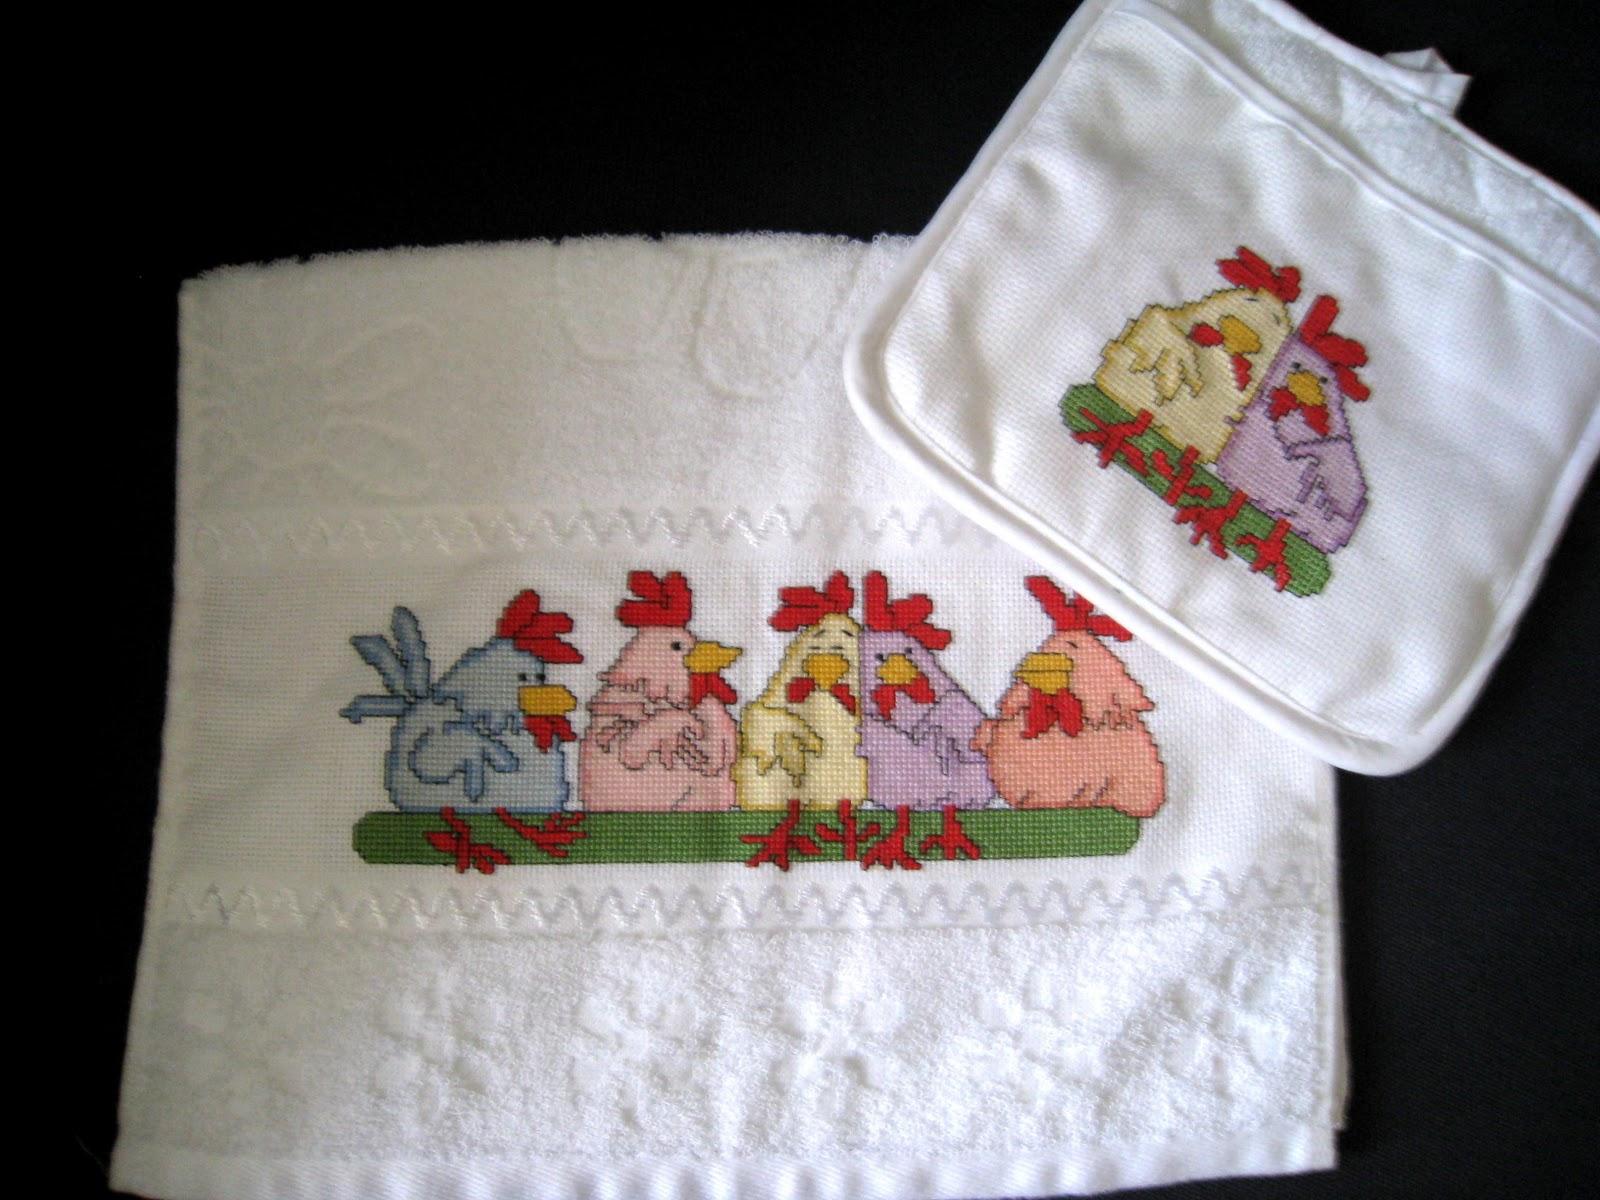 Creaci n punto por punto toallas para cocina en punto de cruz - Punto de cruz cocina ...